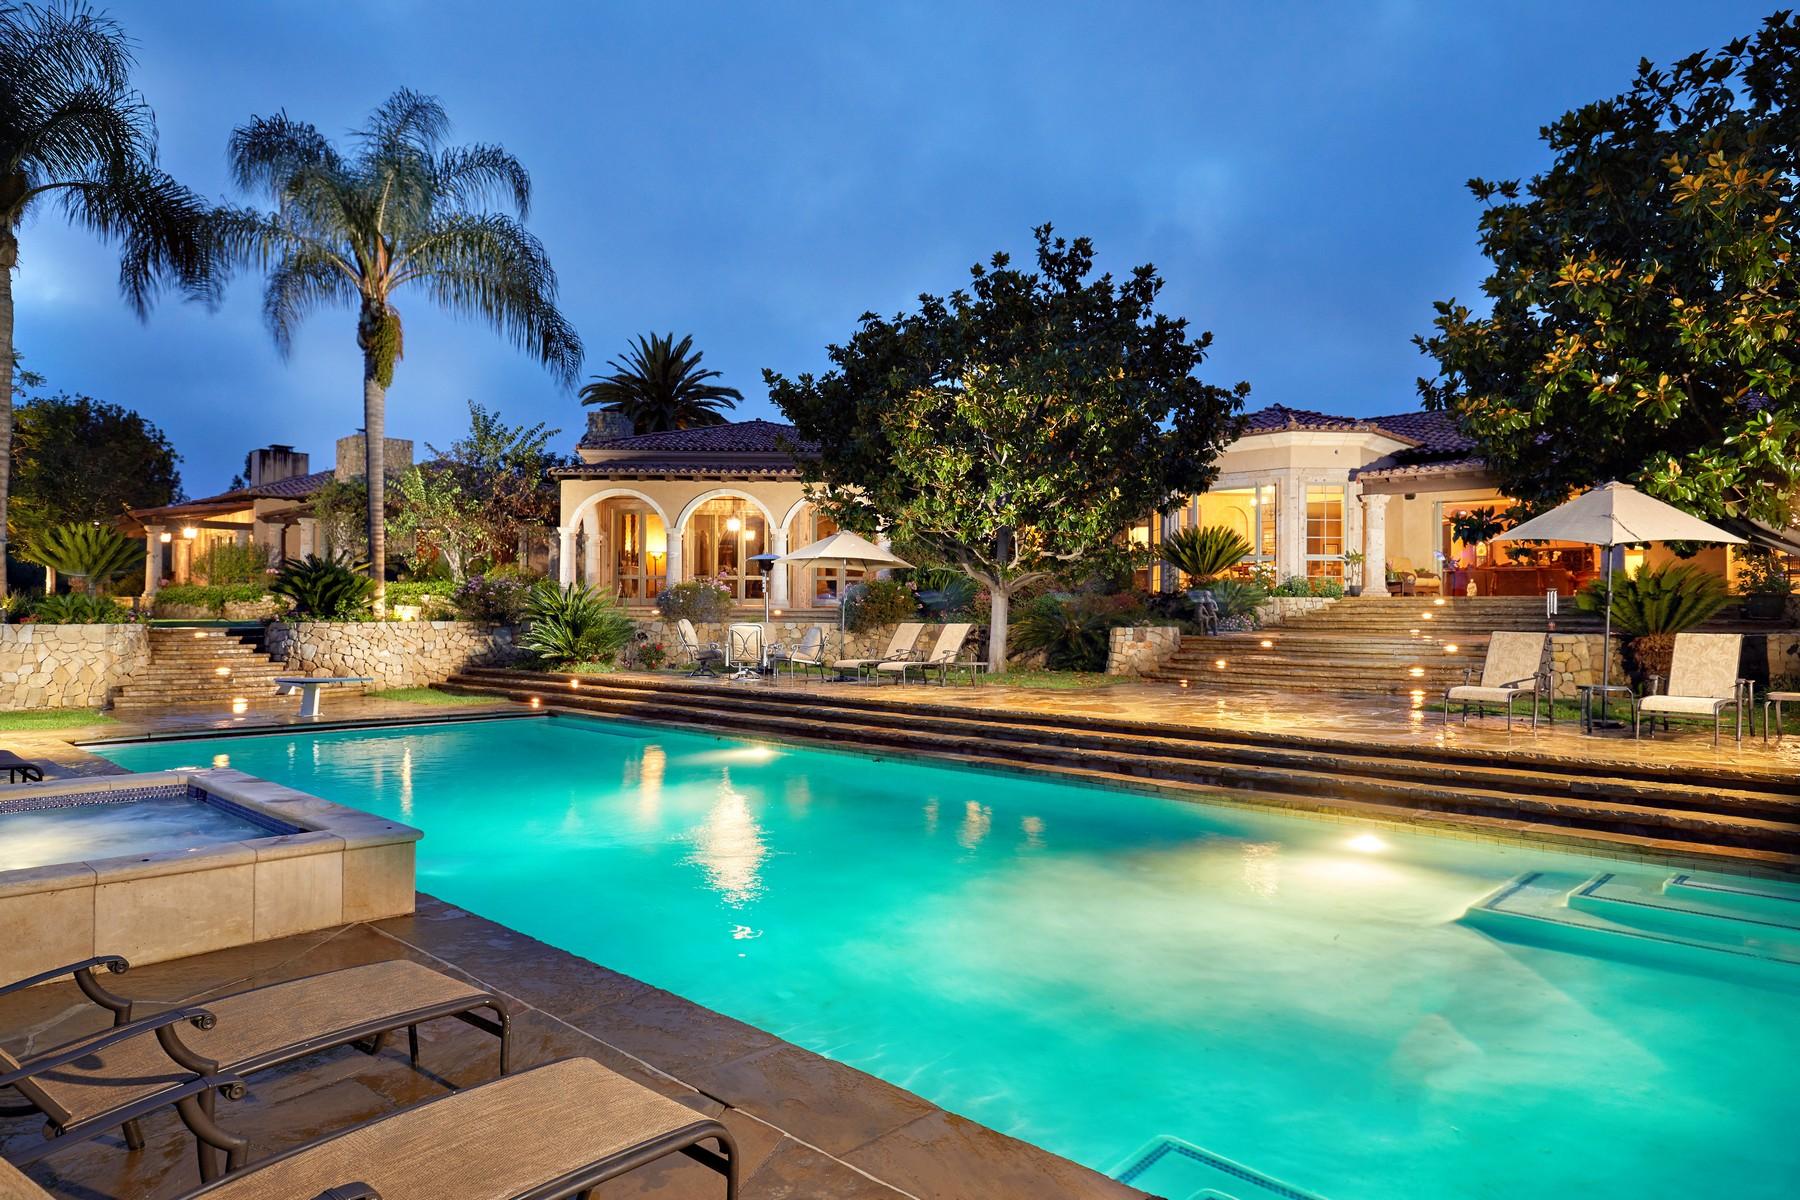 Moradia para Venda às 6372 Las Colinas Rancho Santa Fe, Califórnia, 92067 Estados Unidos